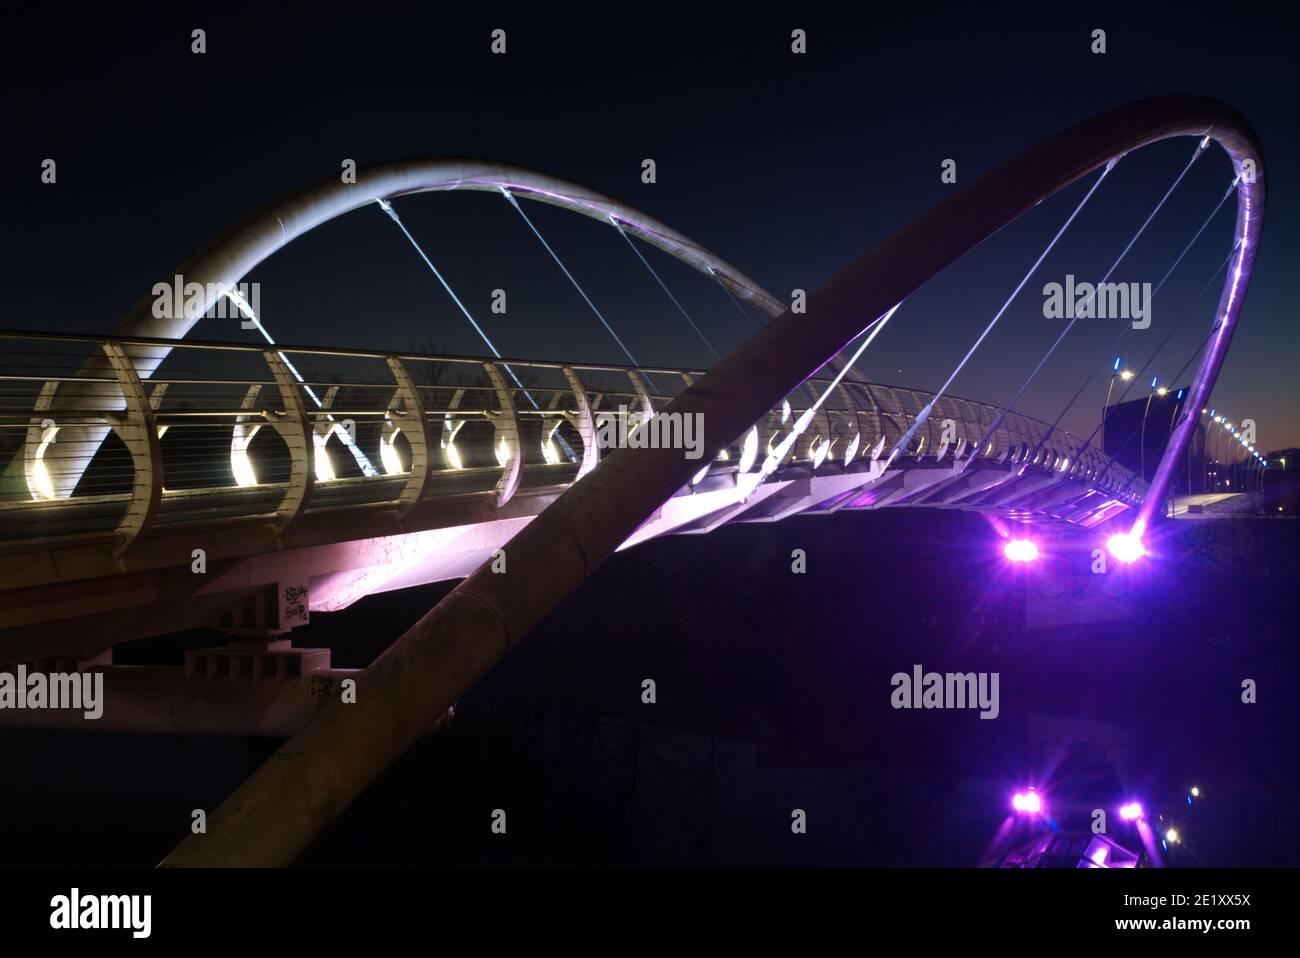 Le Clyde SmartBridge à Glasgow, le Dalmarnock Smart Bridge. Banque D'Images